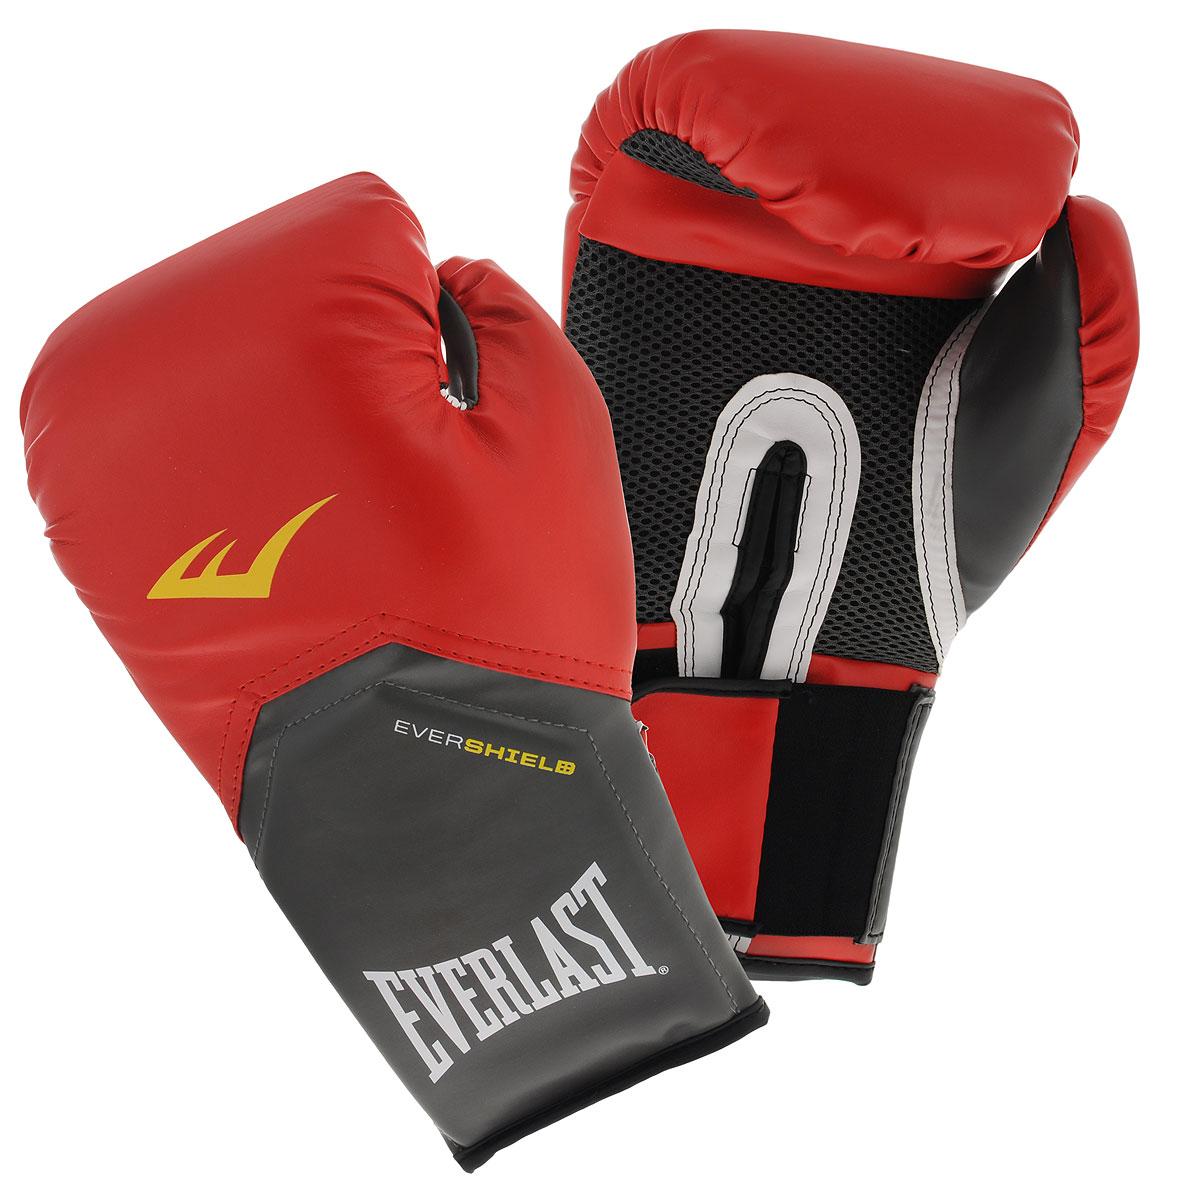 Перчатки тренировочные Everlast Pro Style Elite, цвет: красный, 12 унций боксерские перчатки everlast pro leather strap цвет черный вес 10 унций